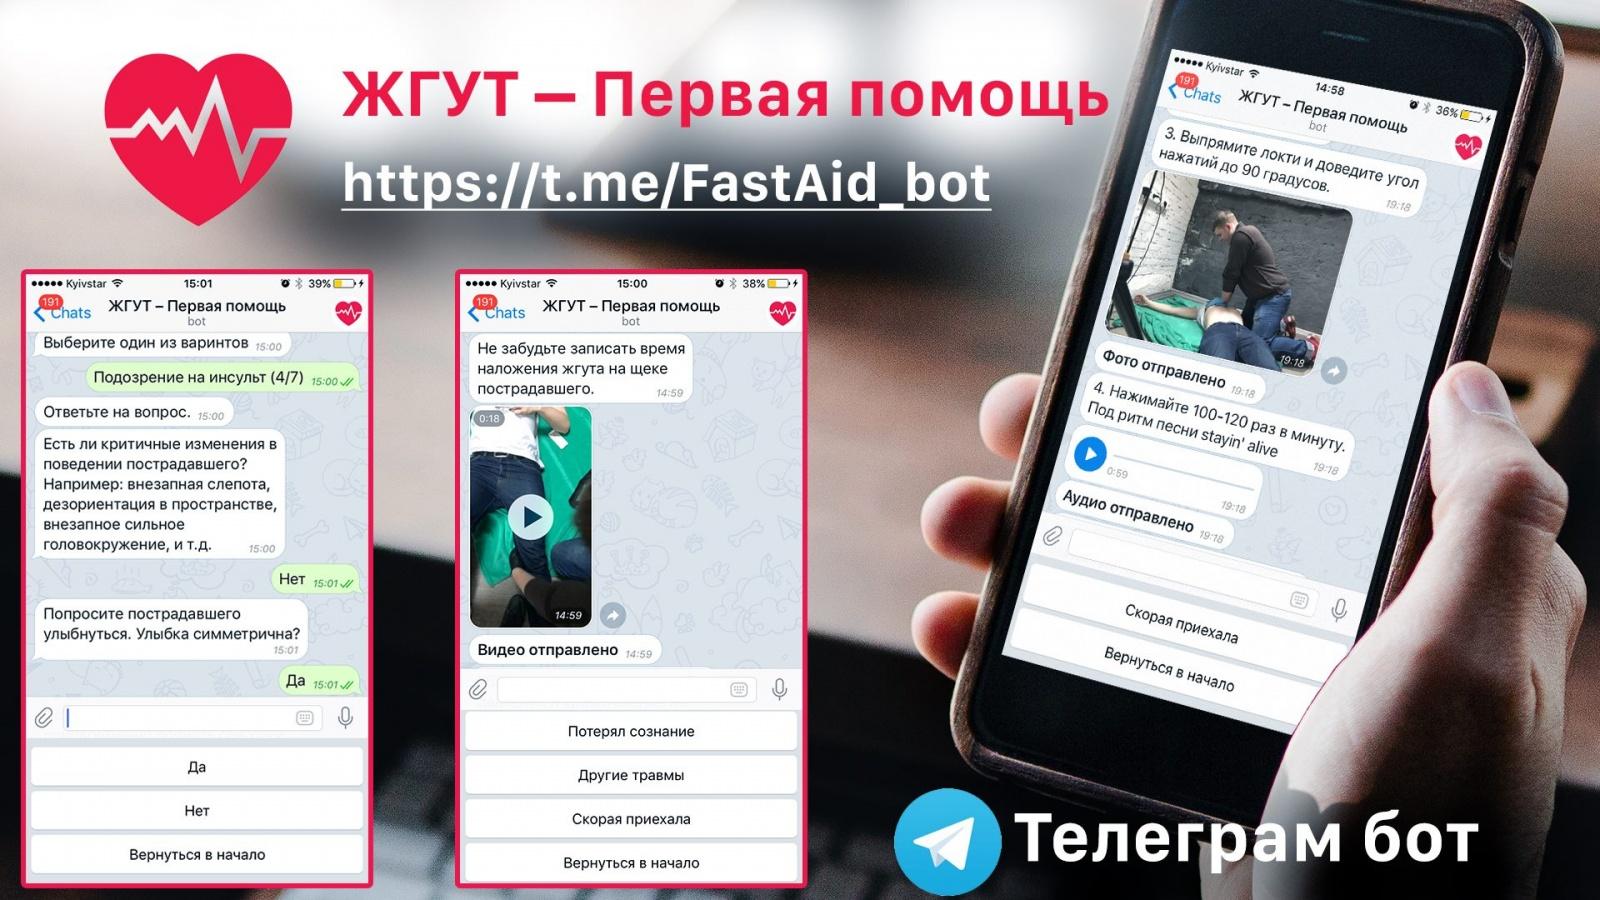 ЖГУТ — телеграм бот для оказания первой помощи - 1